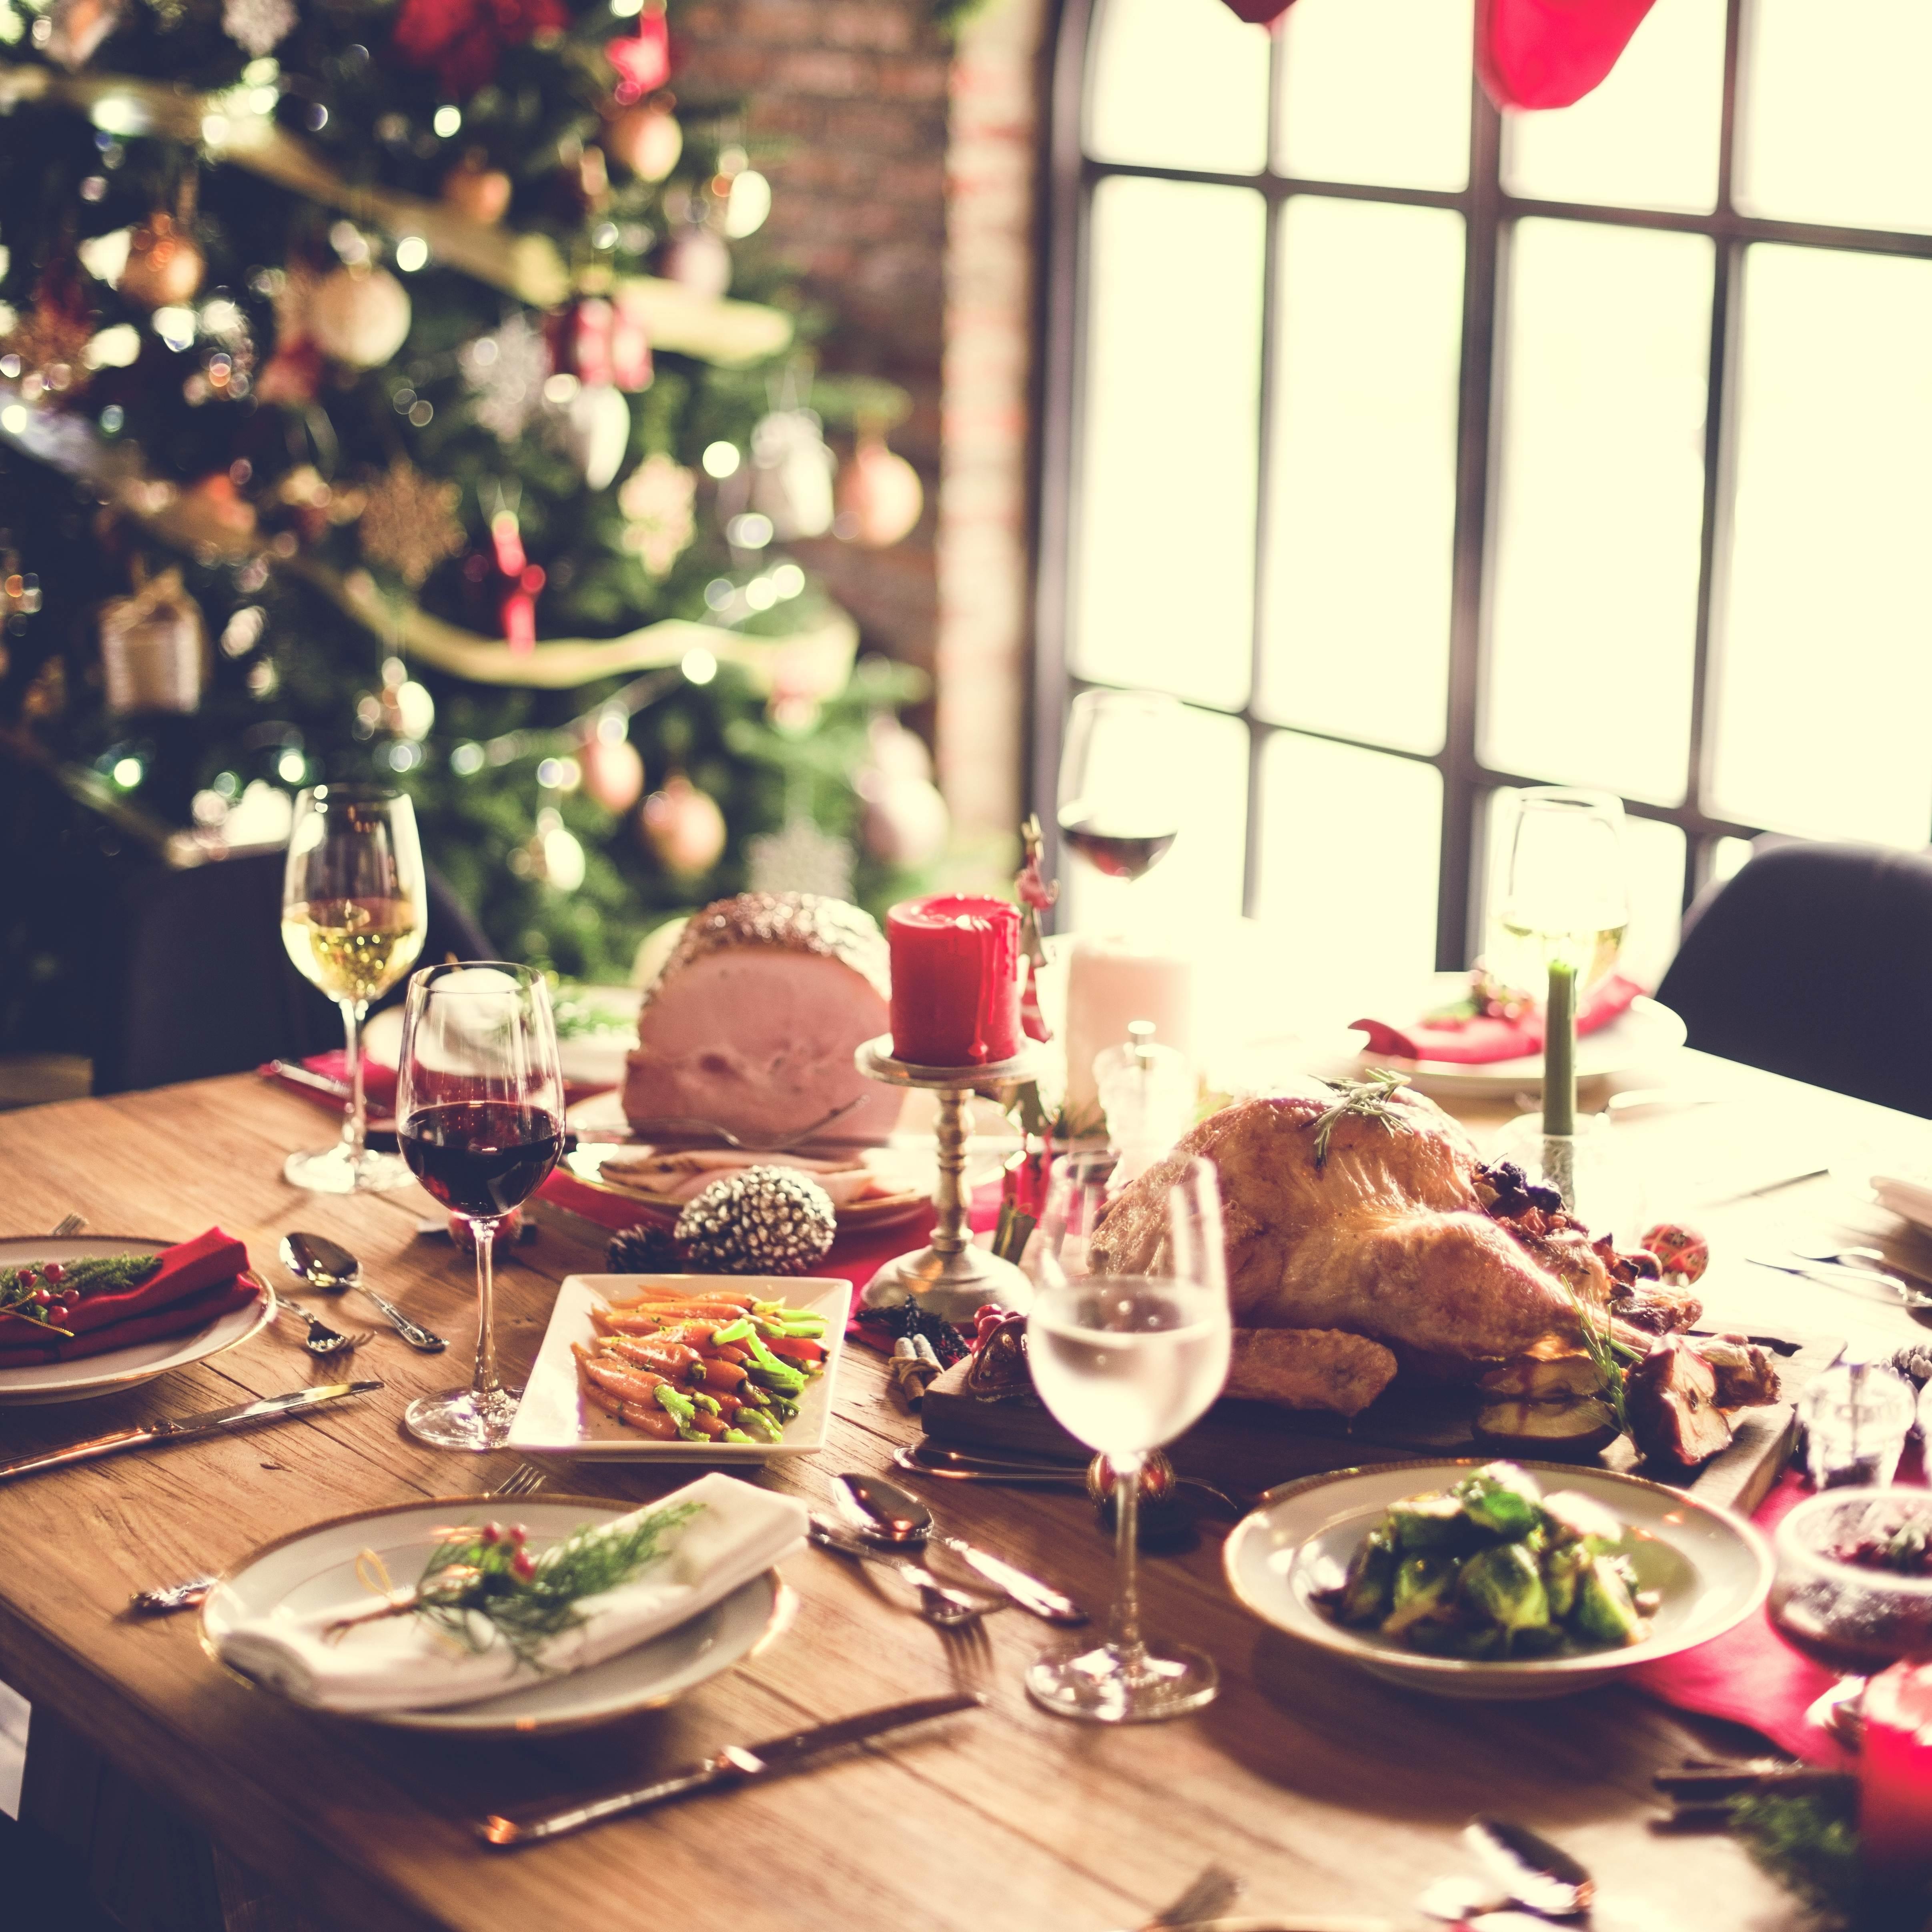 Shoppen! De last-minute finishing touch voor jouw kersttafel!